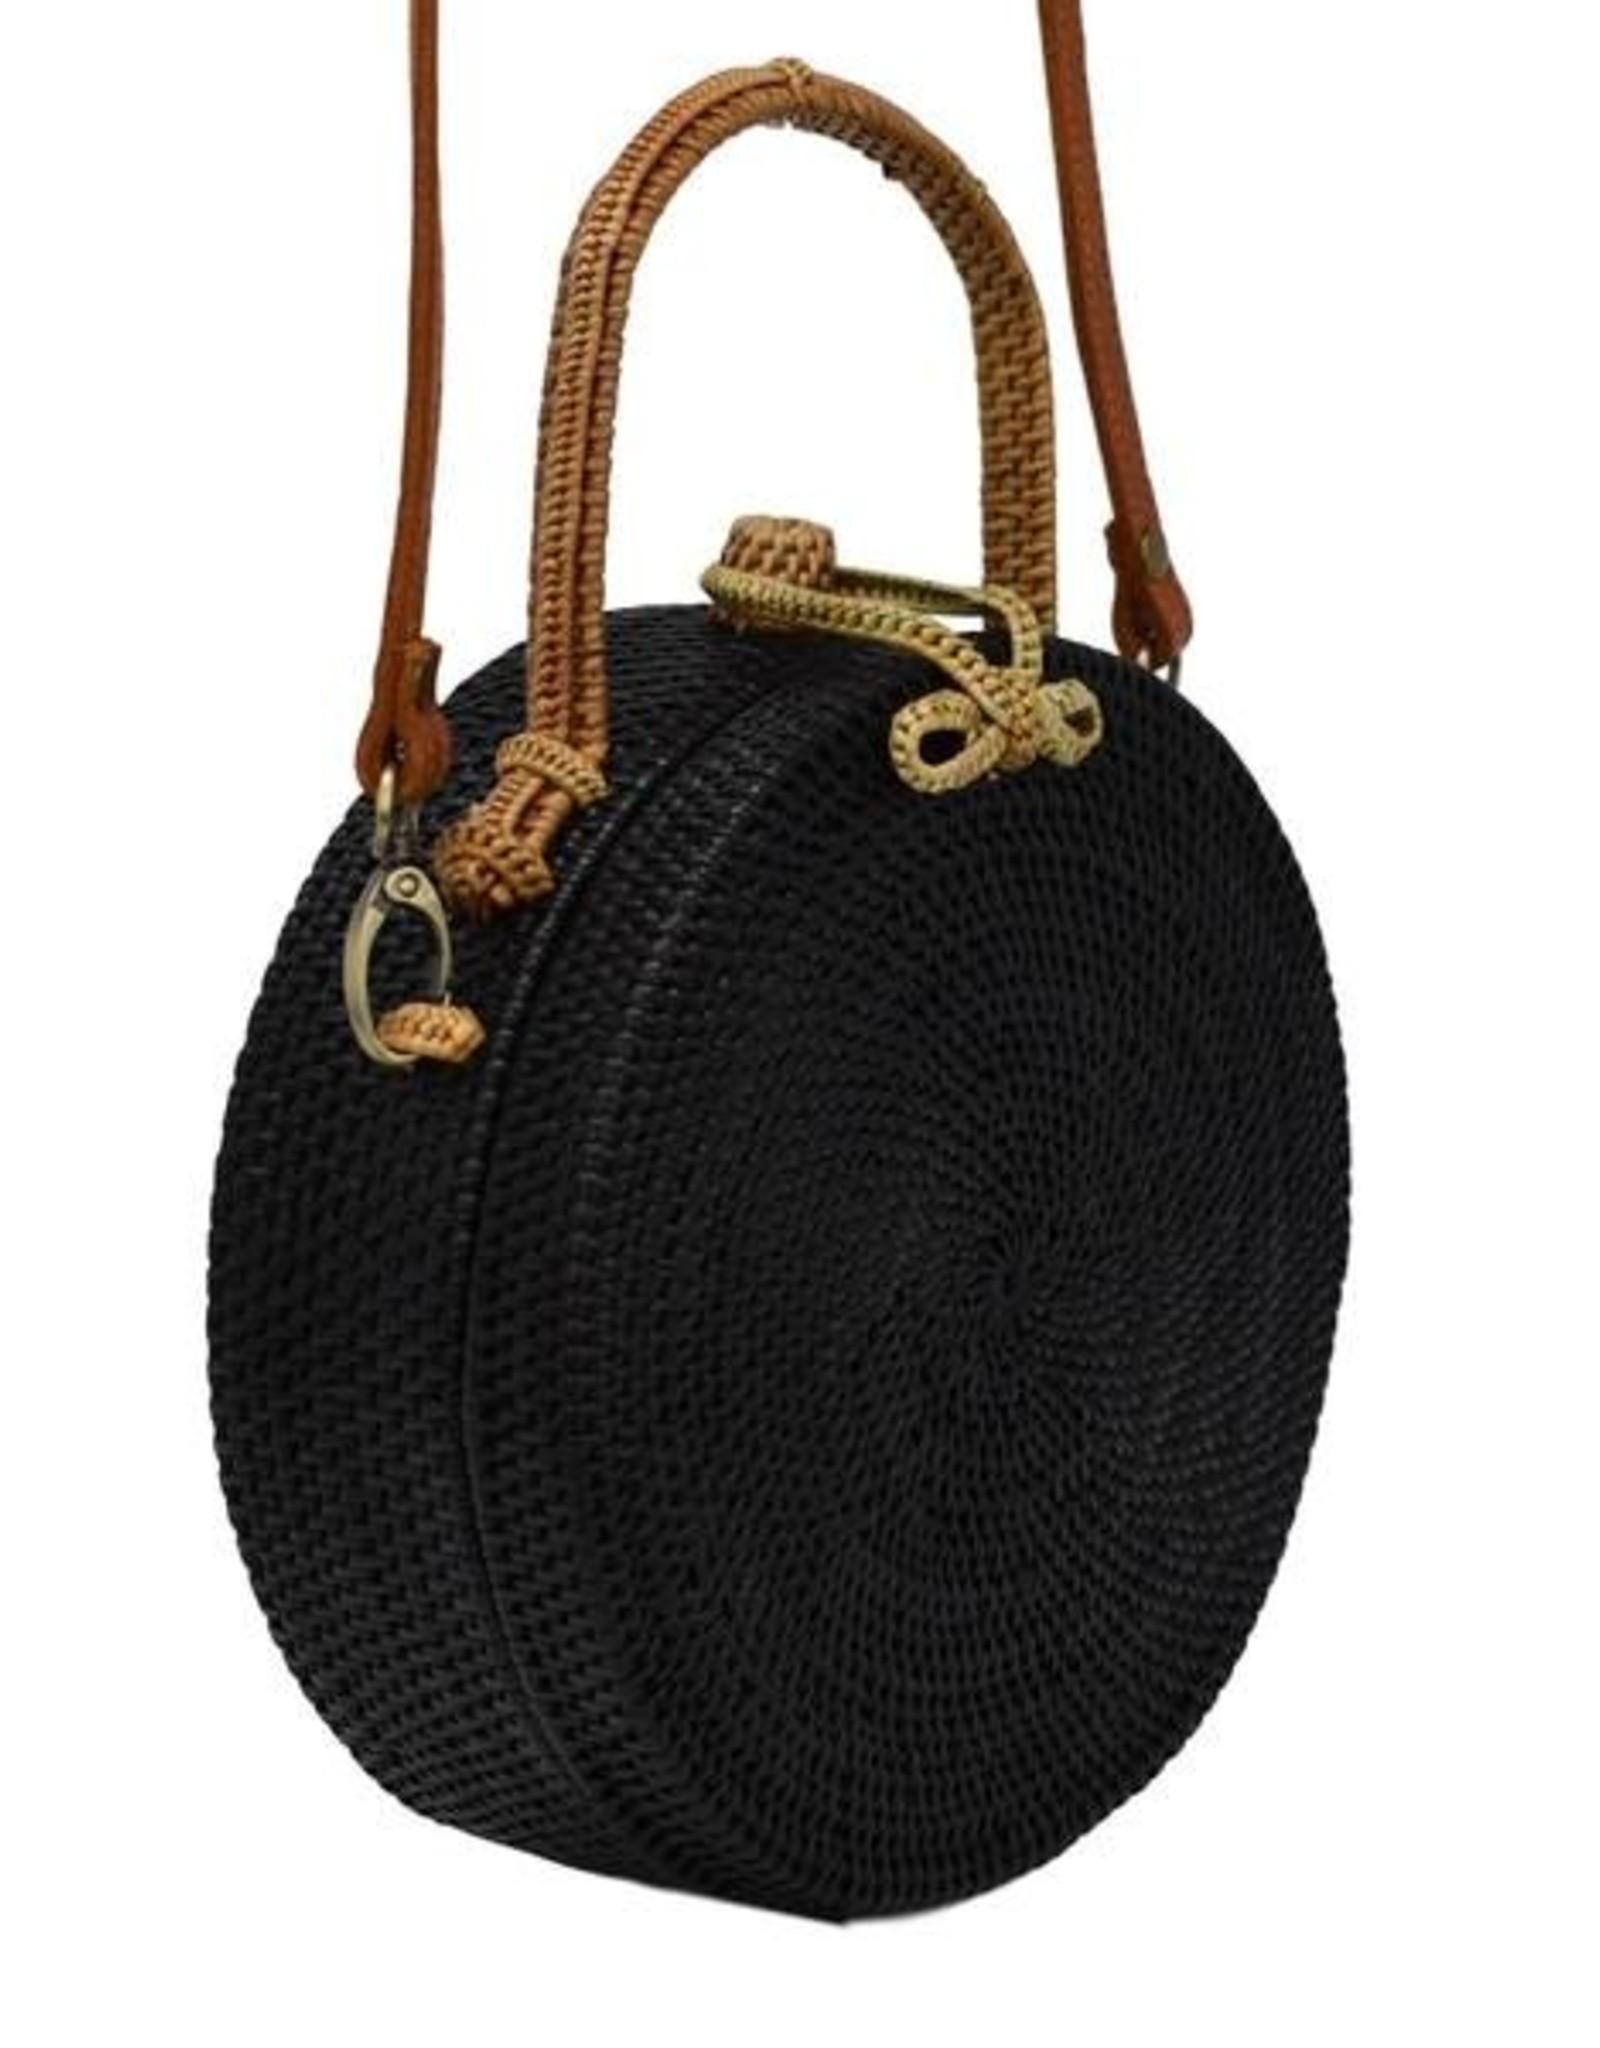 Poppy + Sage Black Milly Bag - Natural